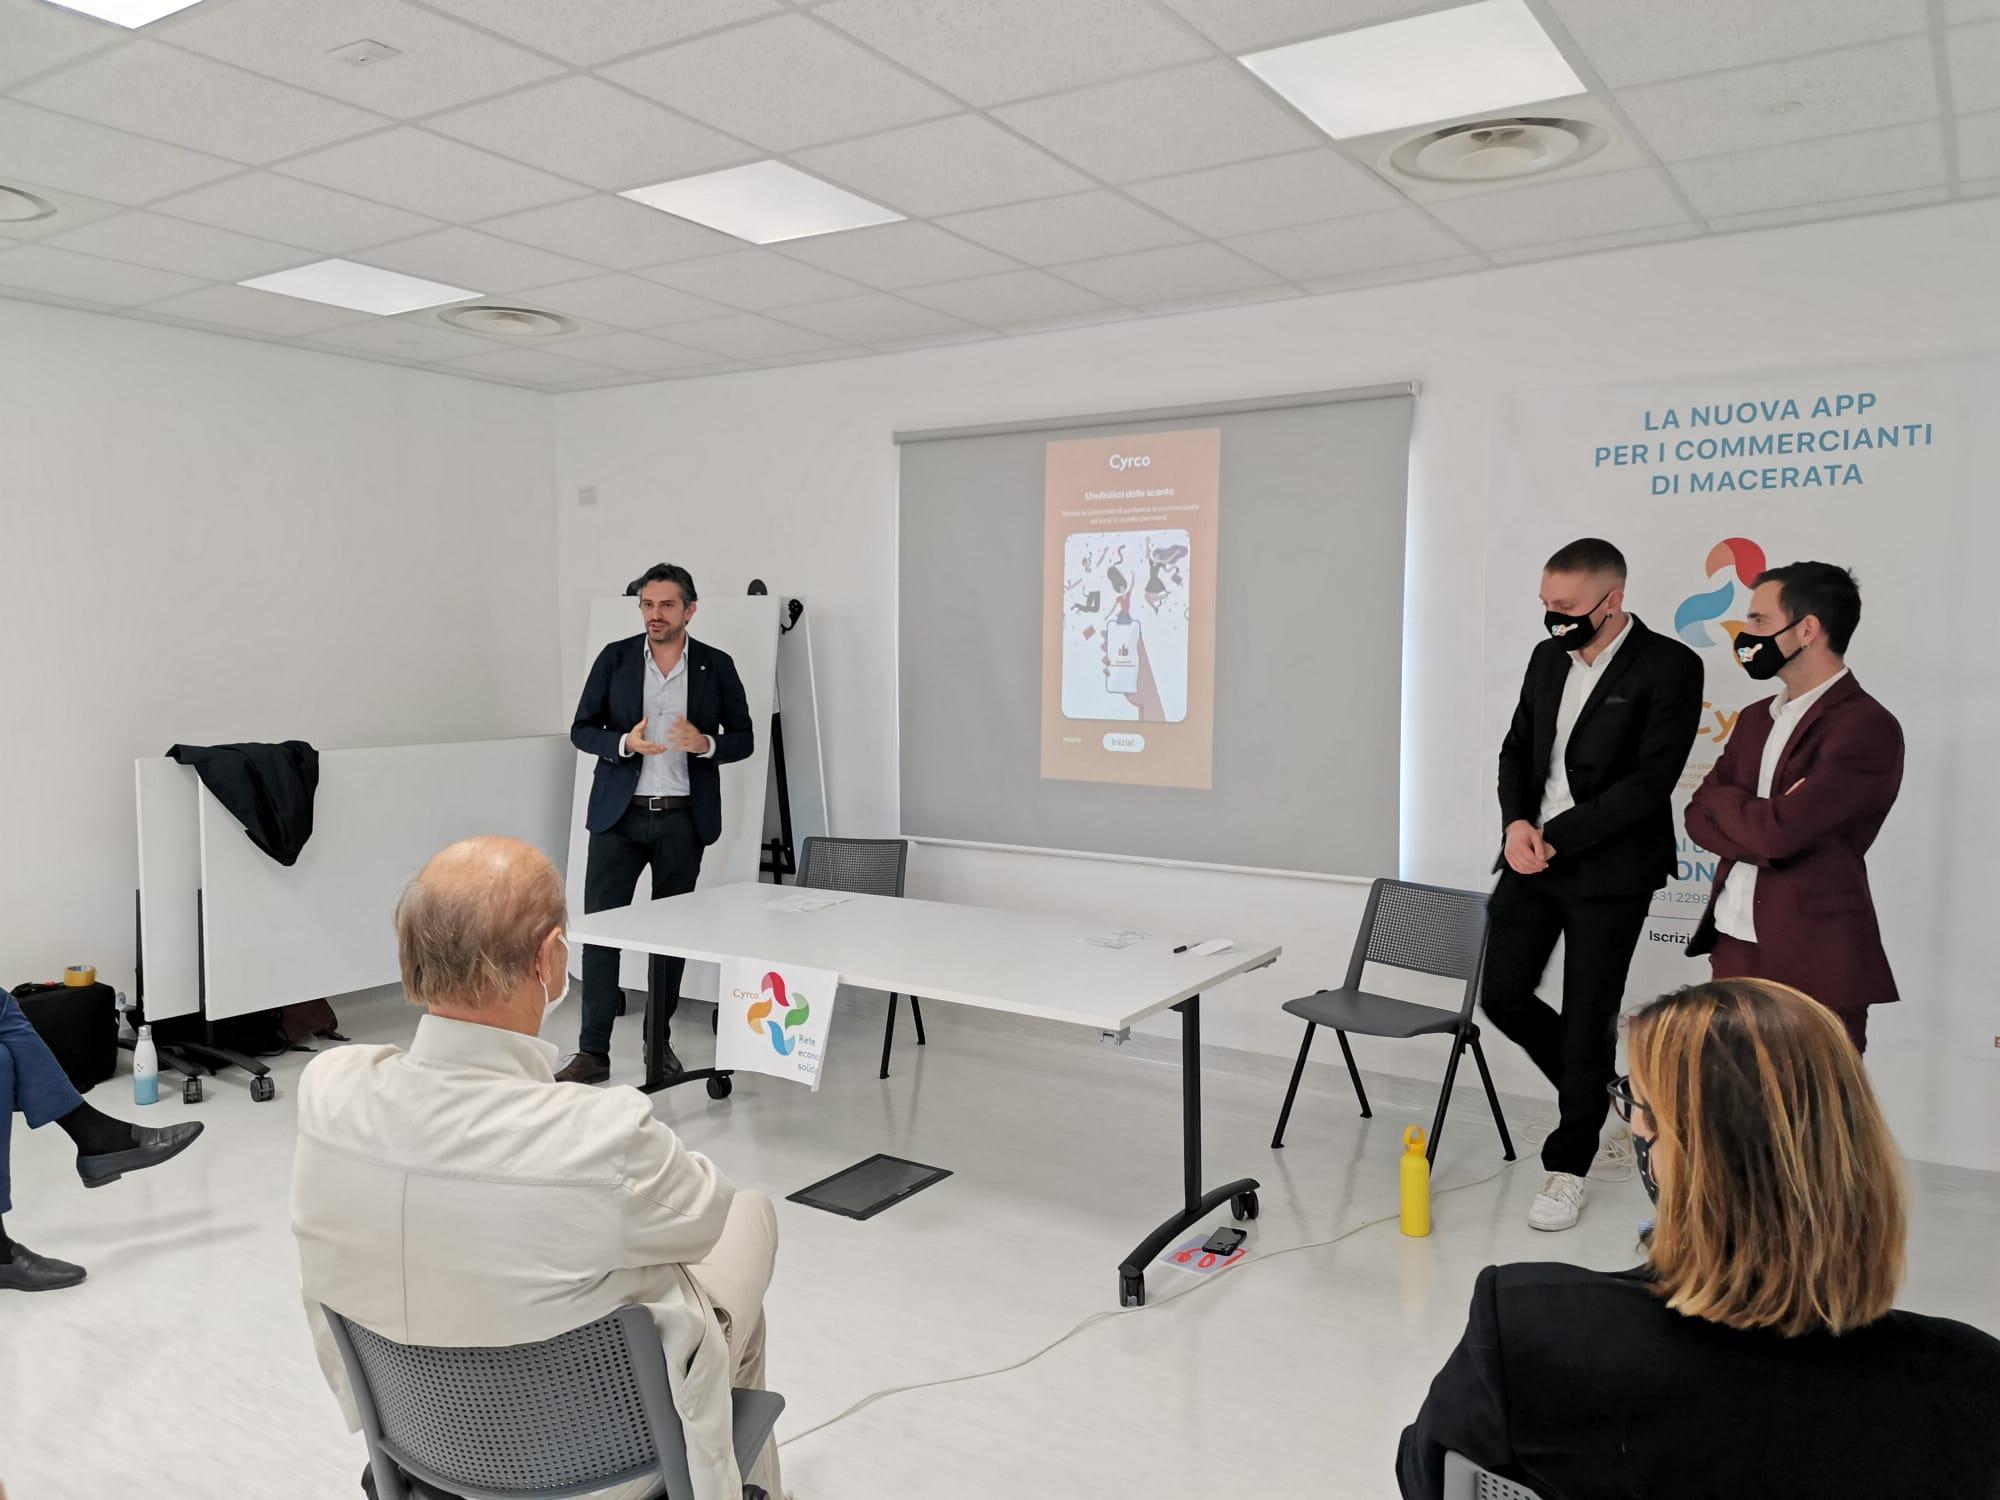 Cyrco, il progetto innovativo per produttori e commercianti